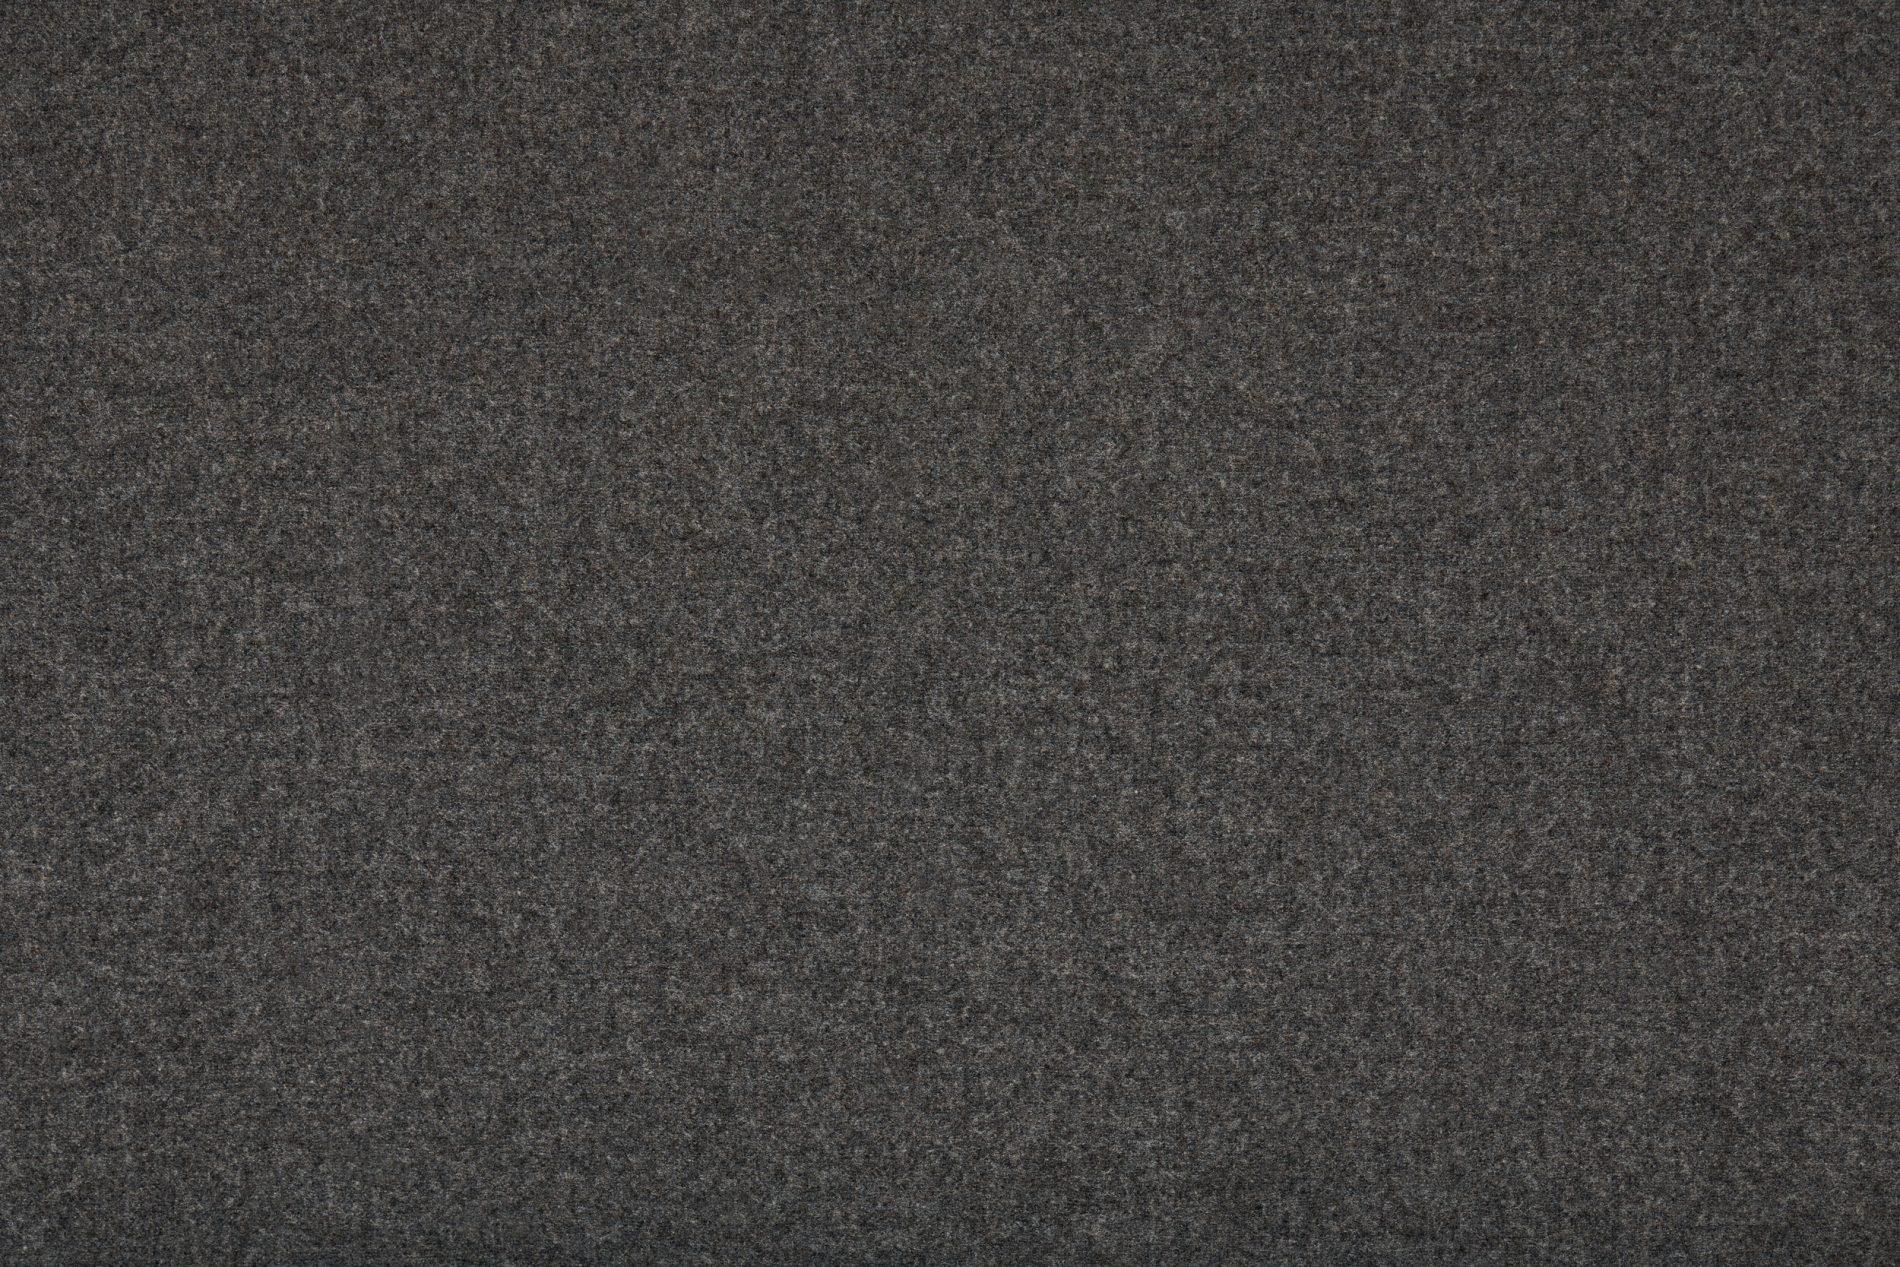 PURE 360 Merinotuch (19/8053)